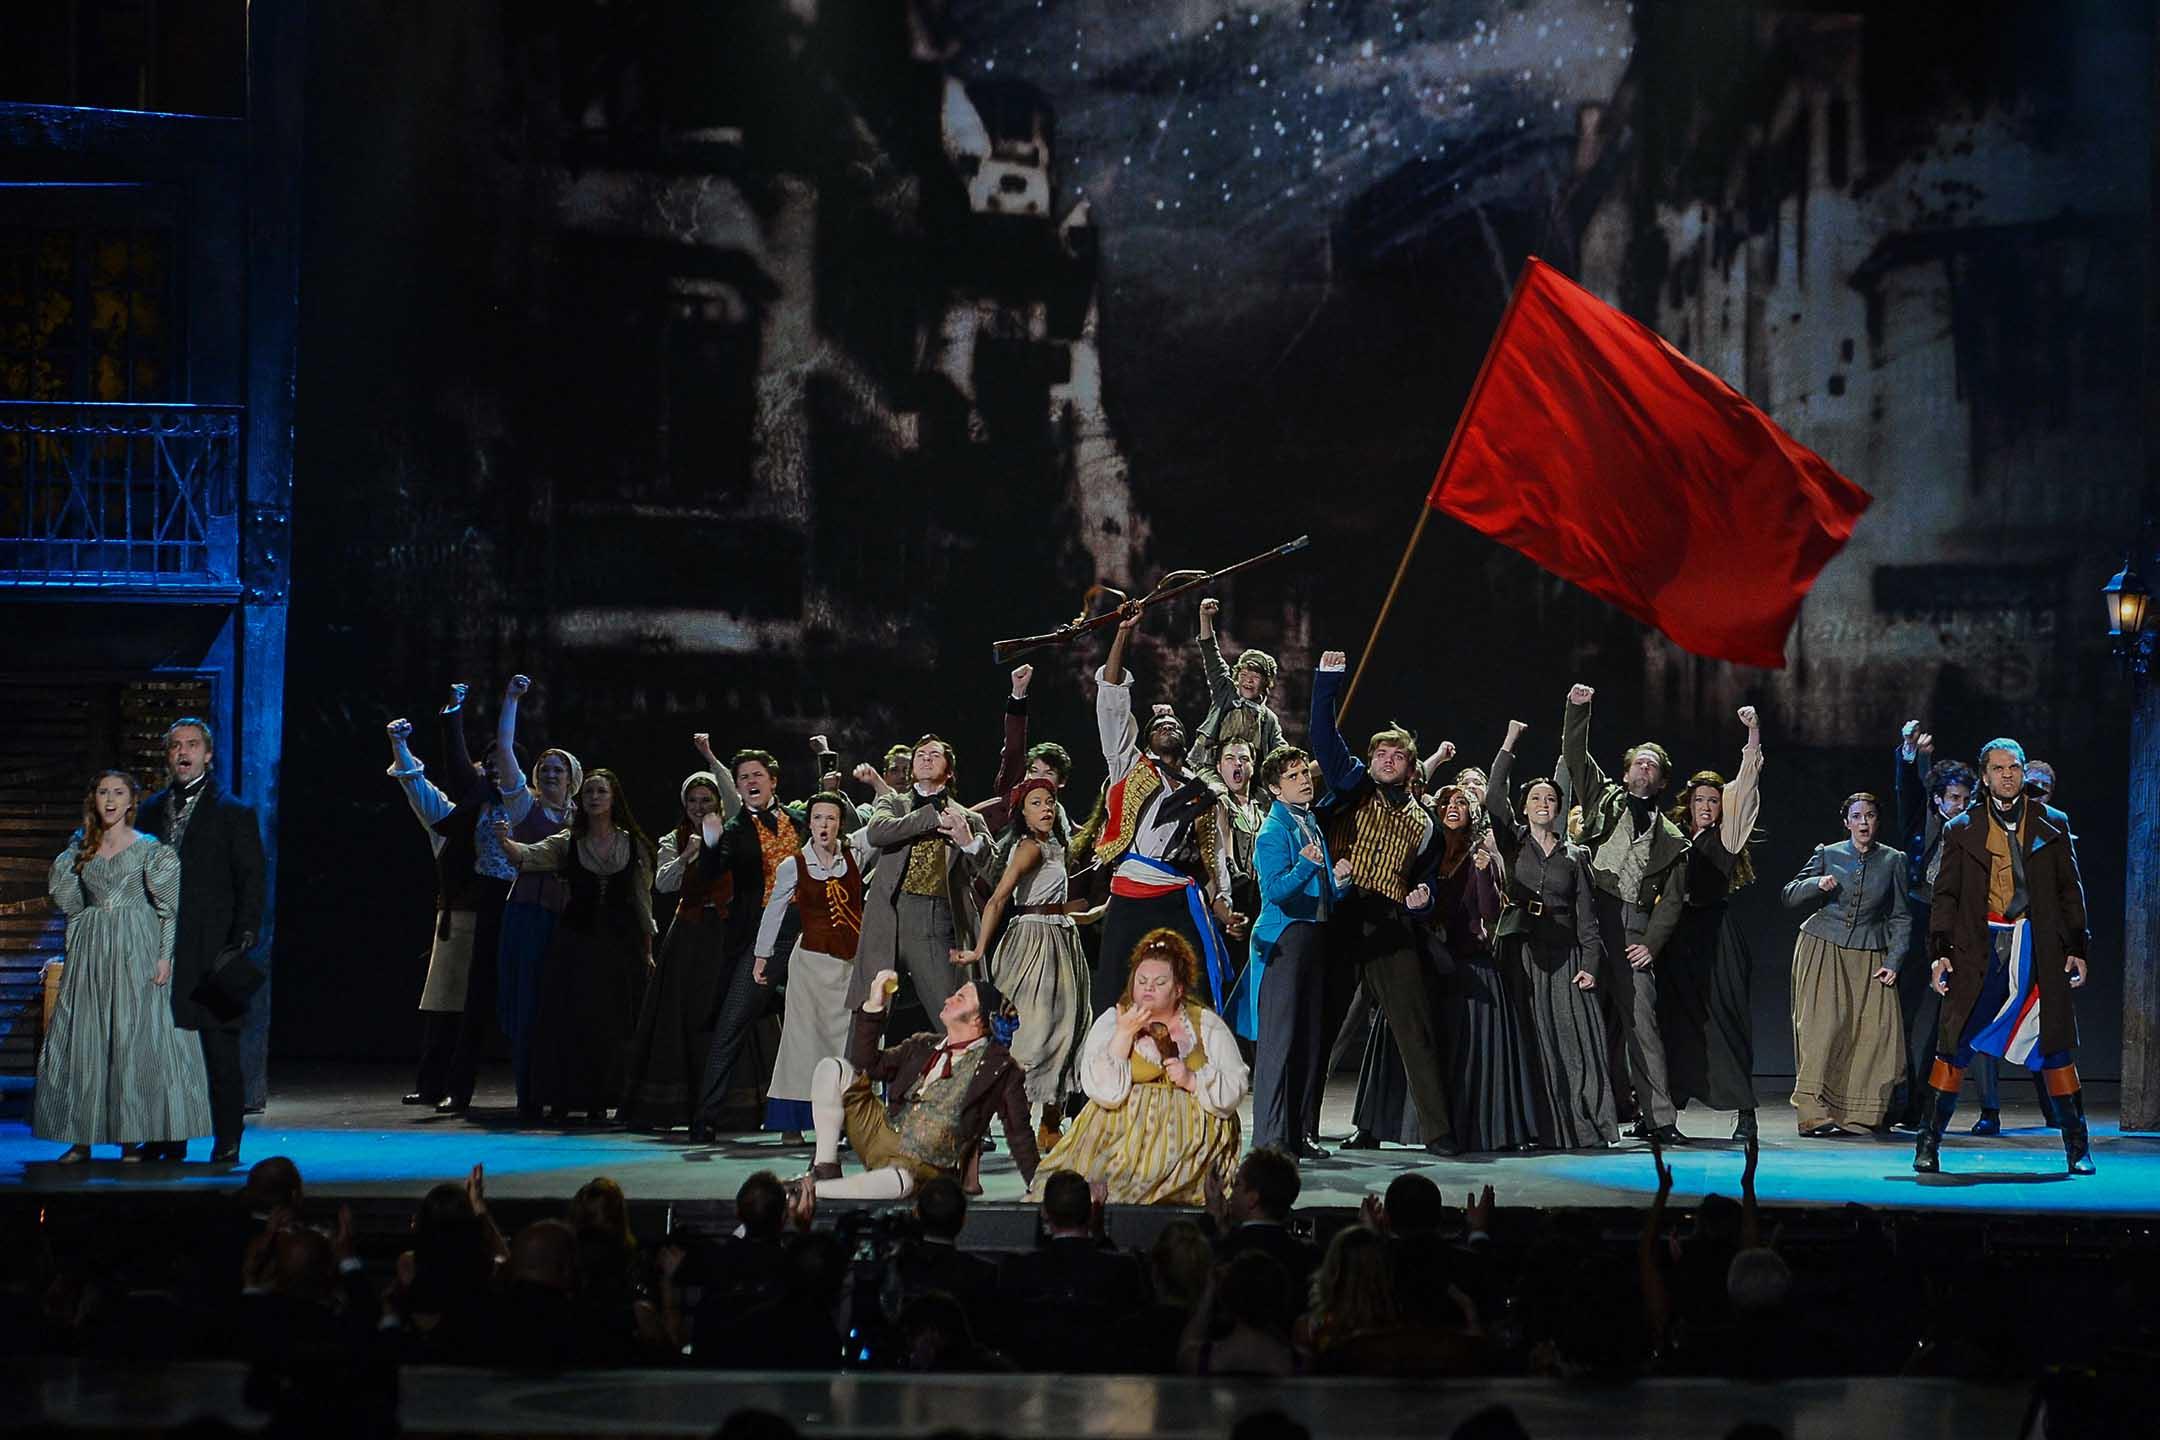 2014年6月8日紐約,《悲慘世界》在音樂廳演出。